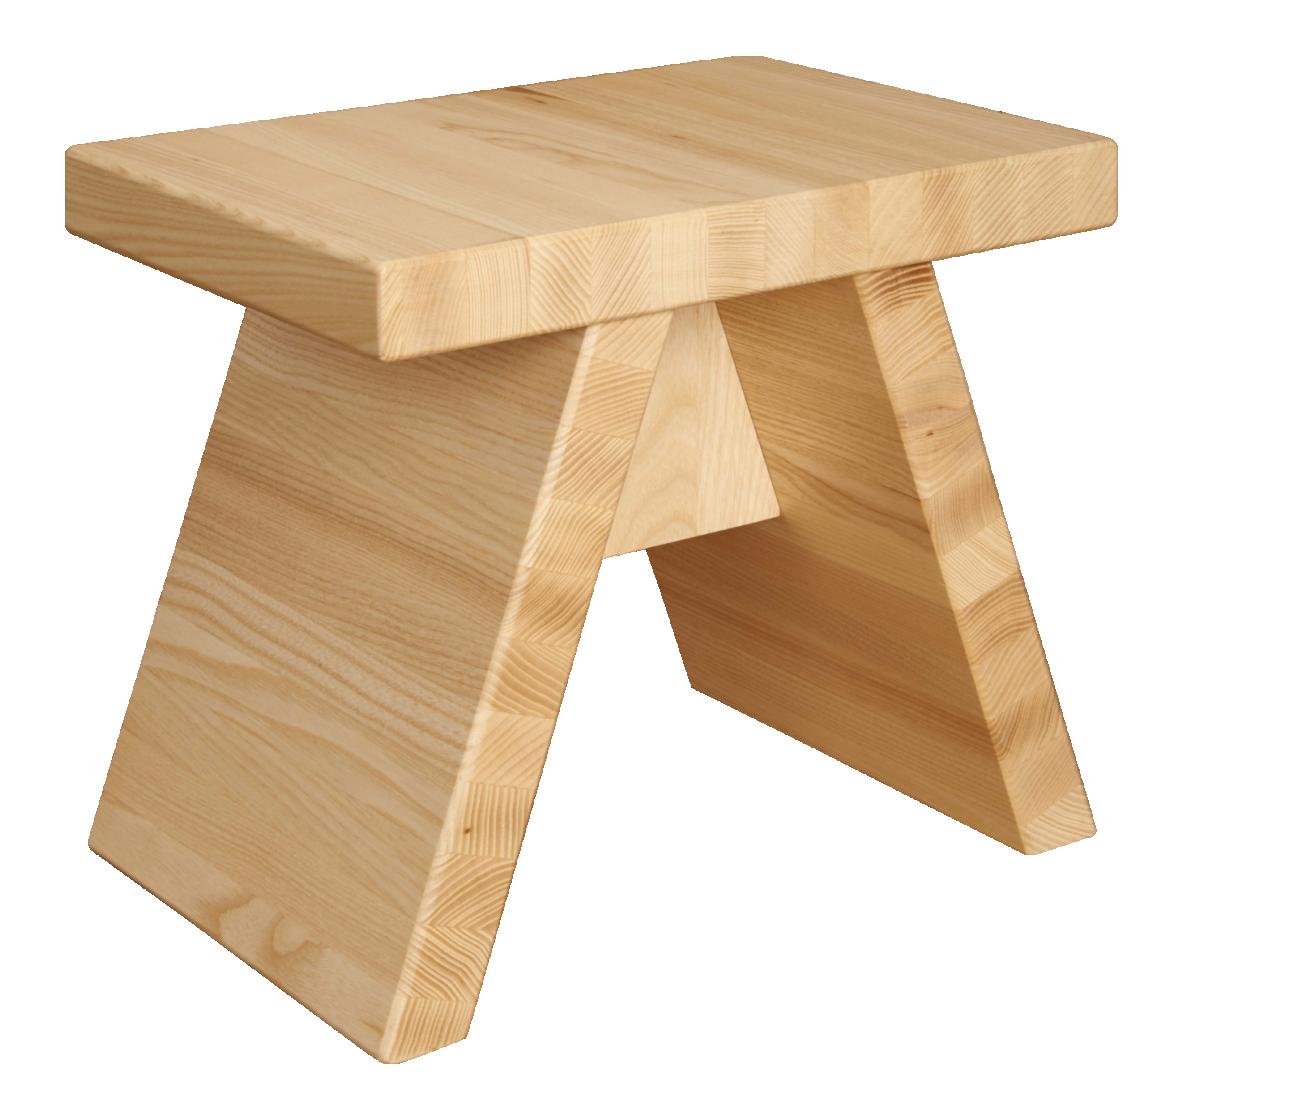 Habitat tabouret japonais 79 20 projet pinterest for Design japonais mobilier